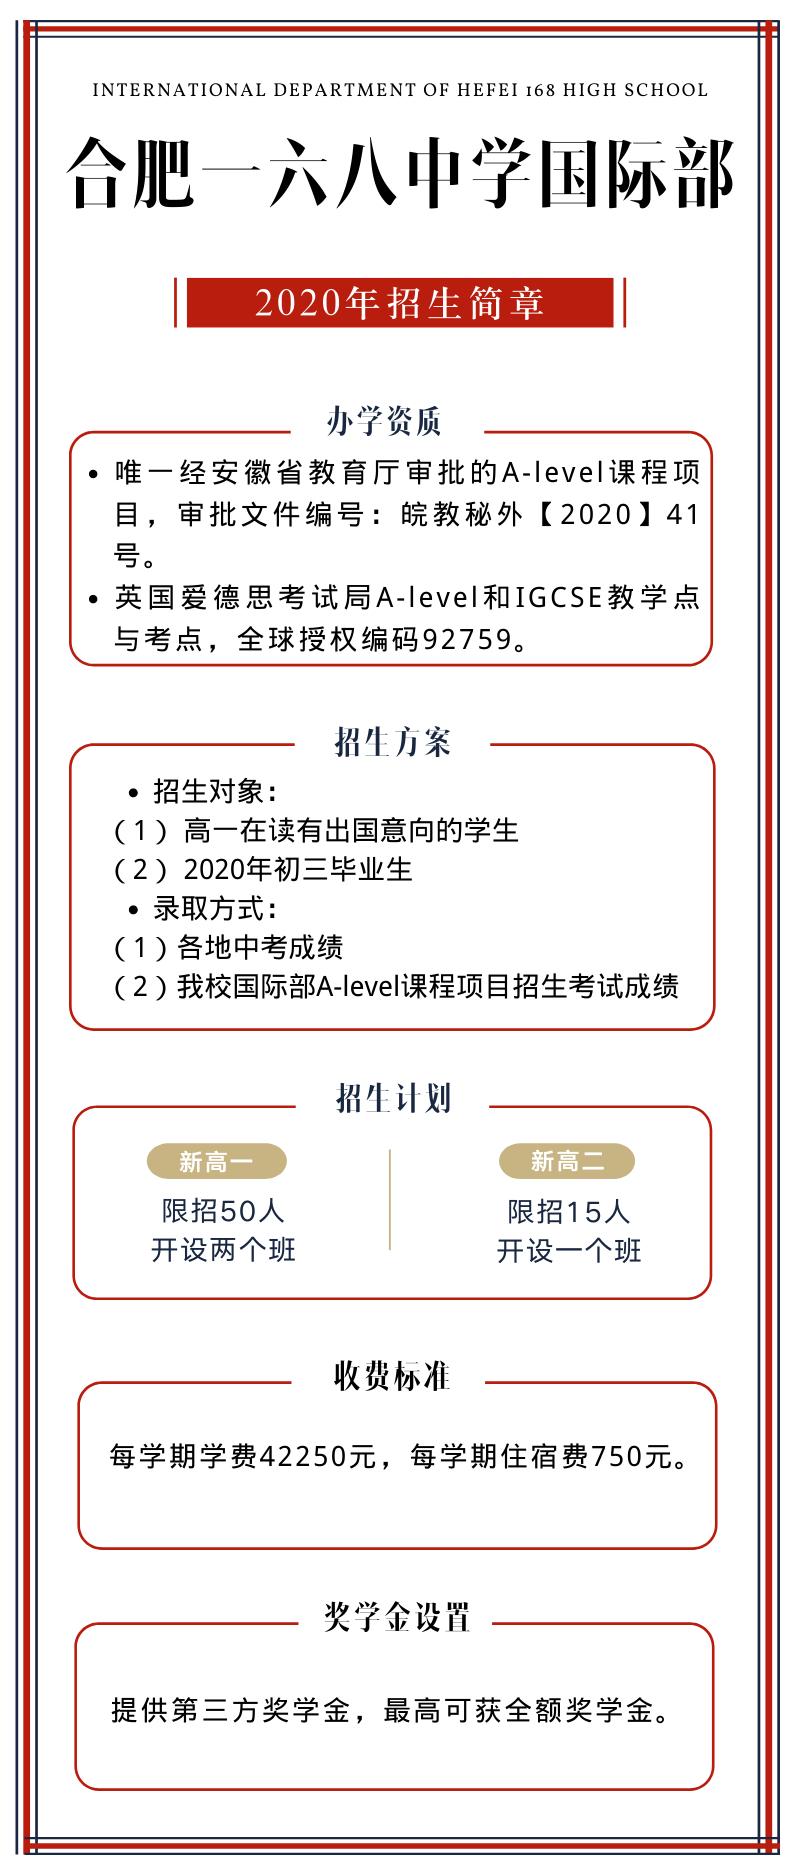 合肥一六八中学国际部招生简章